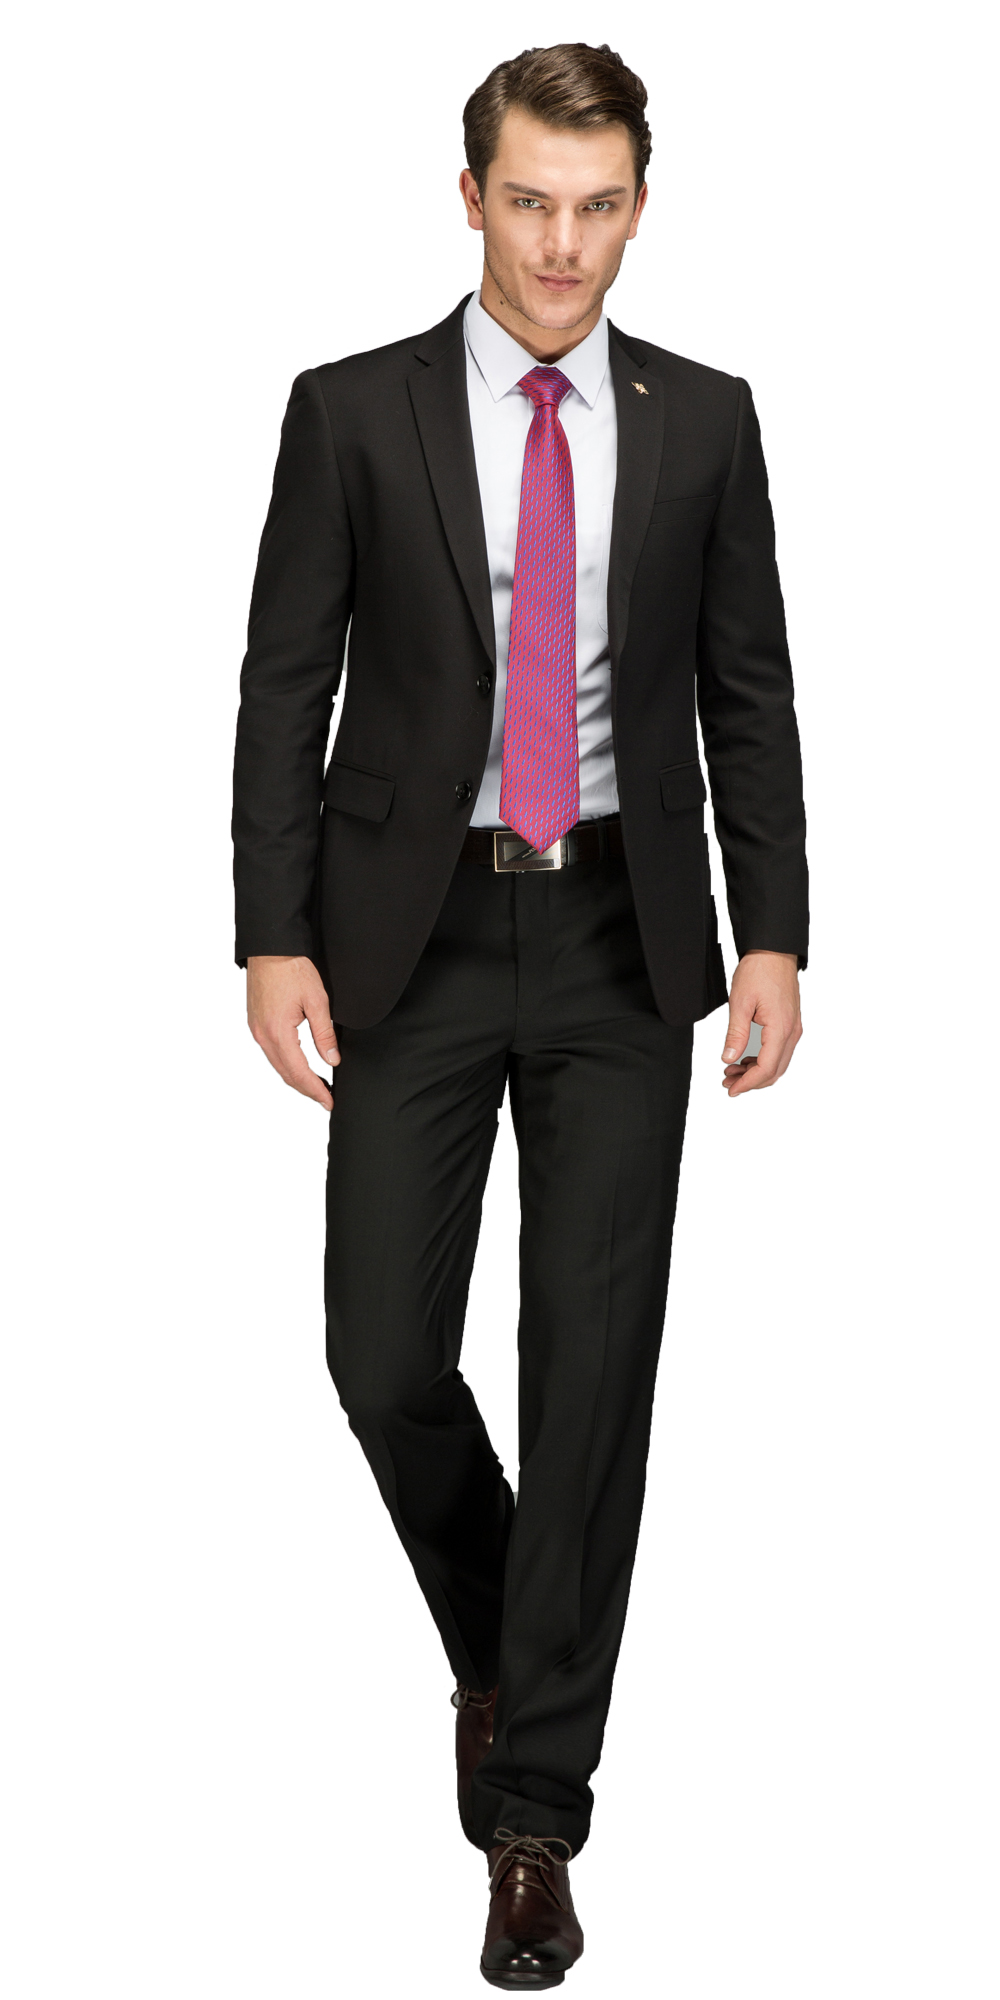 slim fit suits black (33)